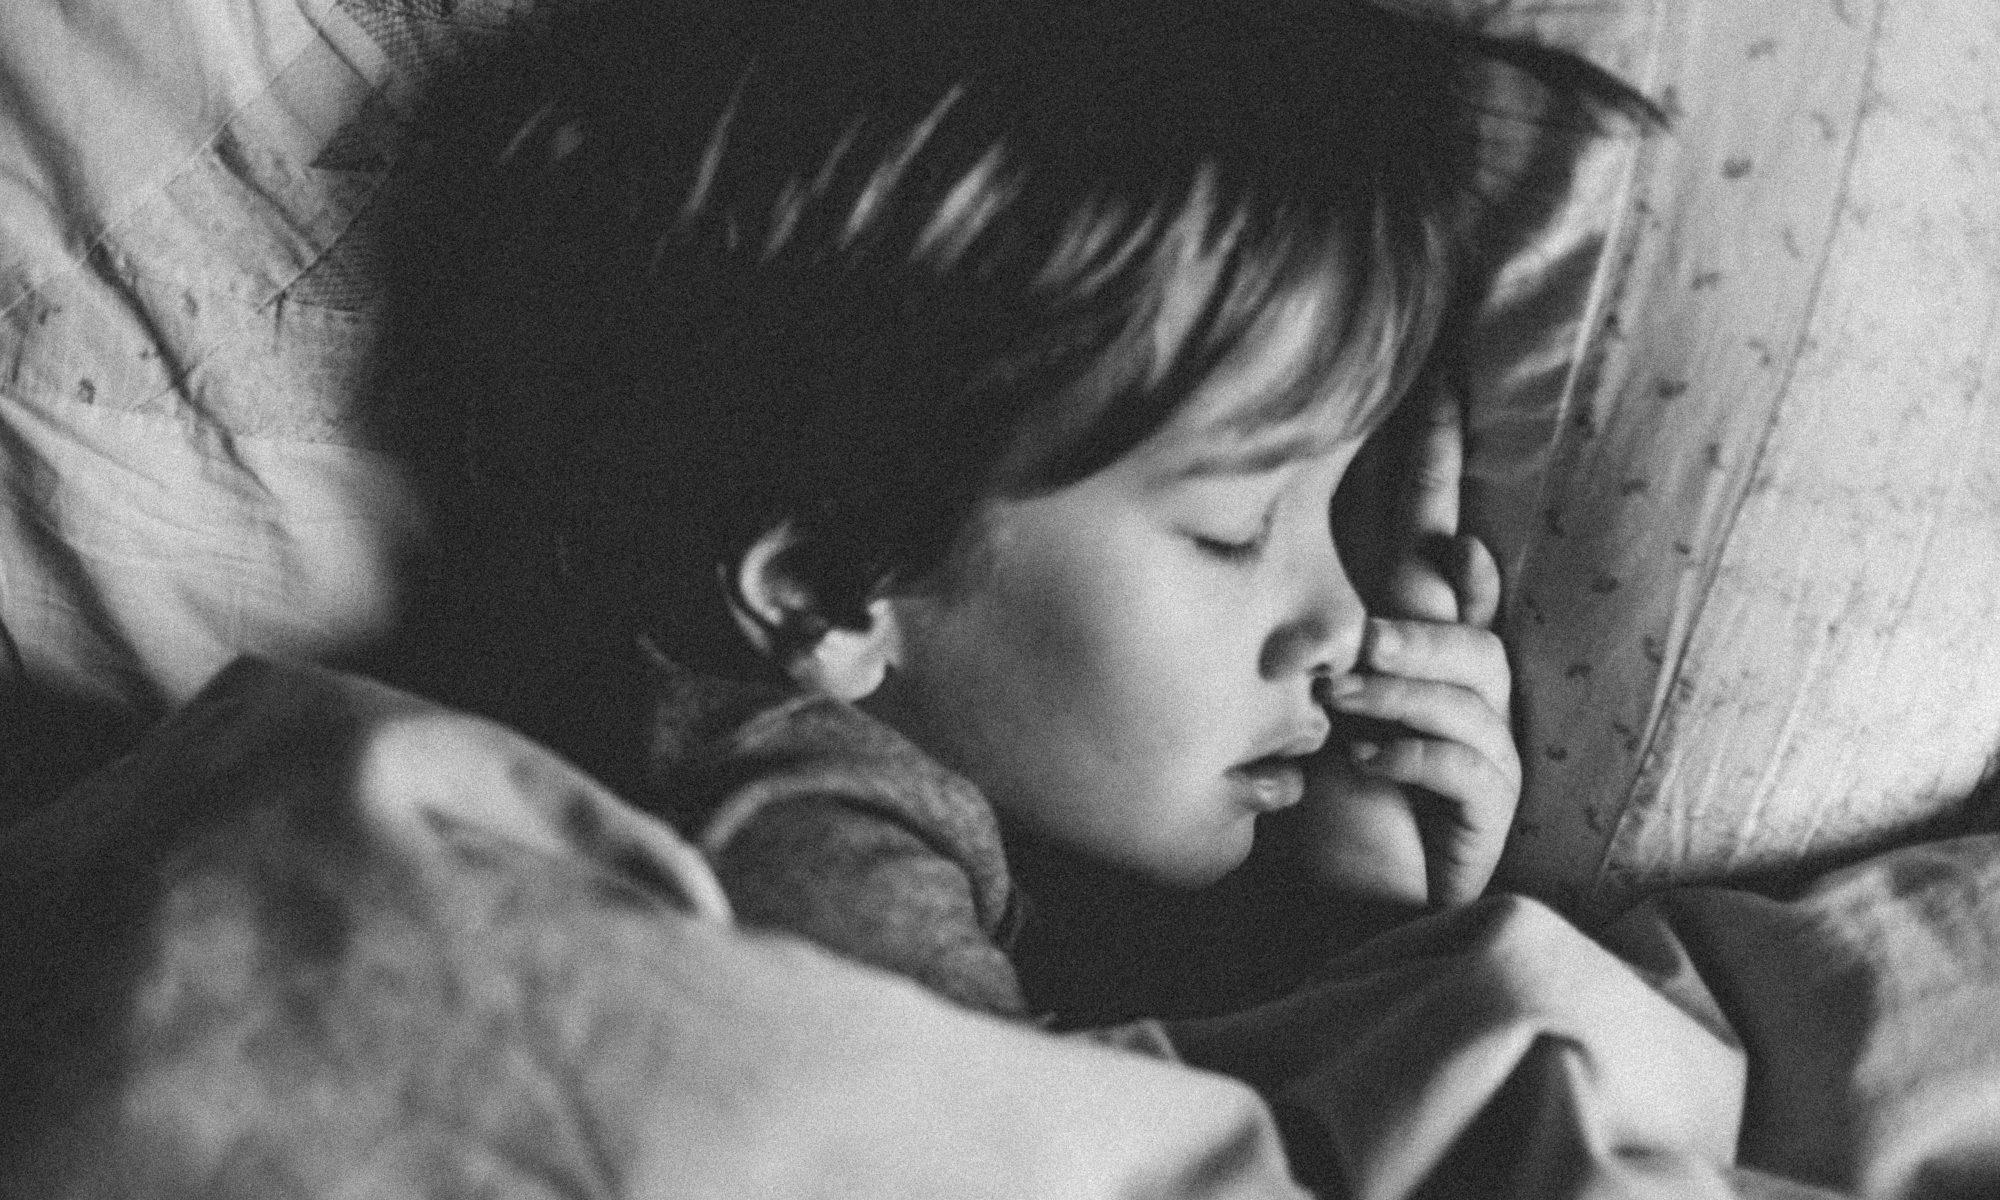 sleep, sleep beautiful sleep